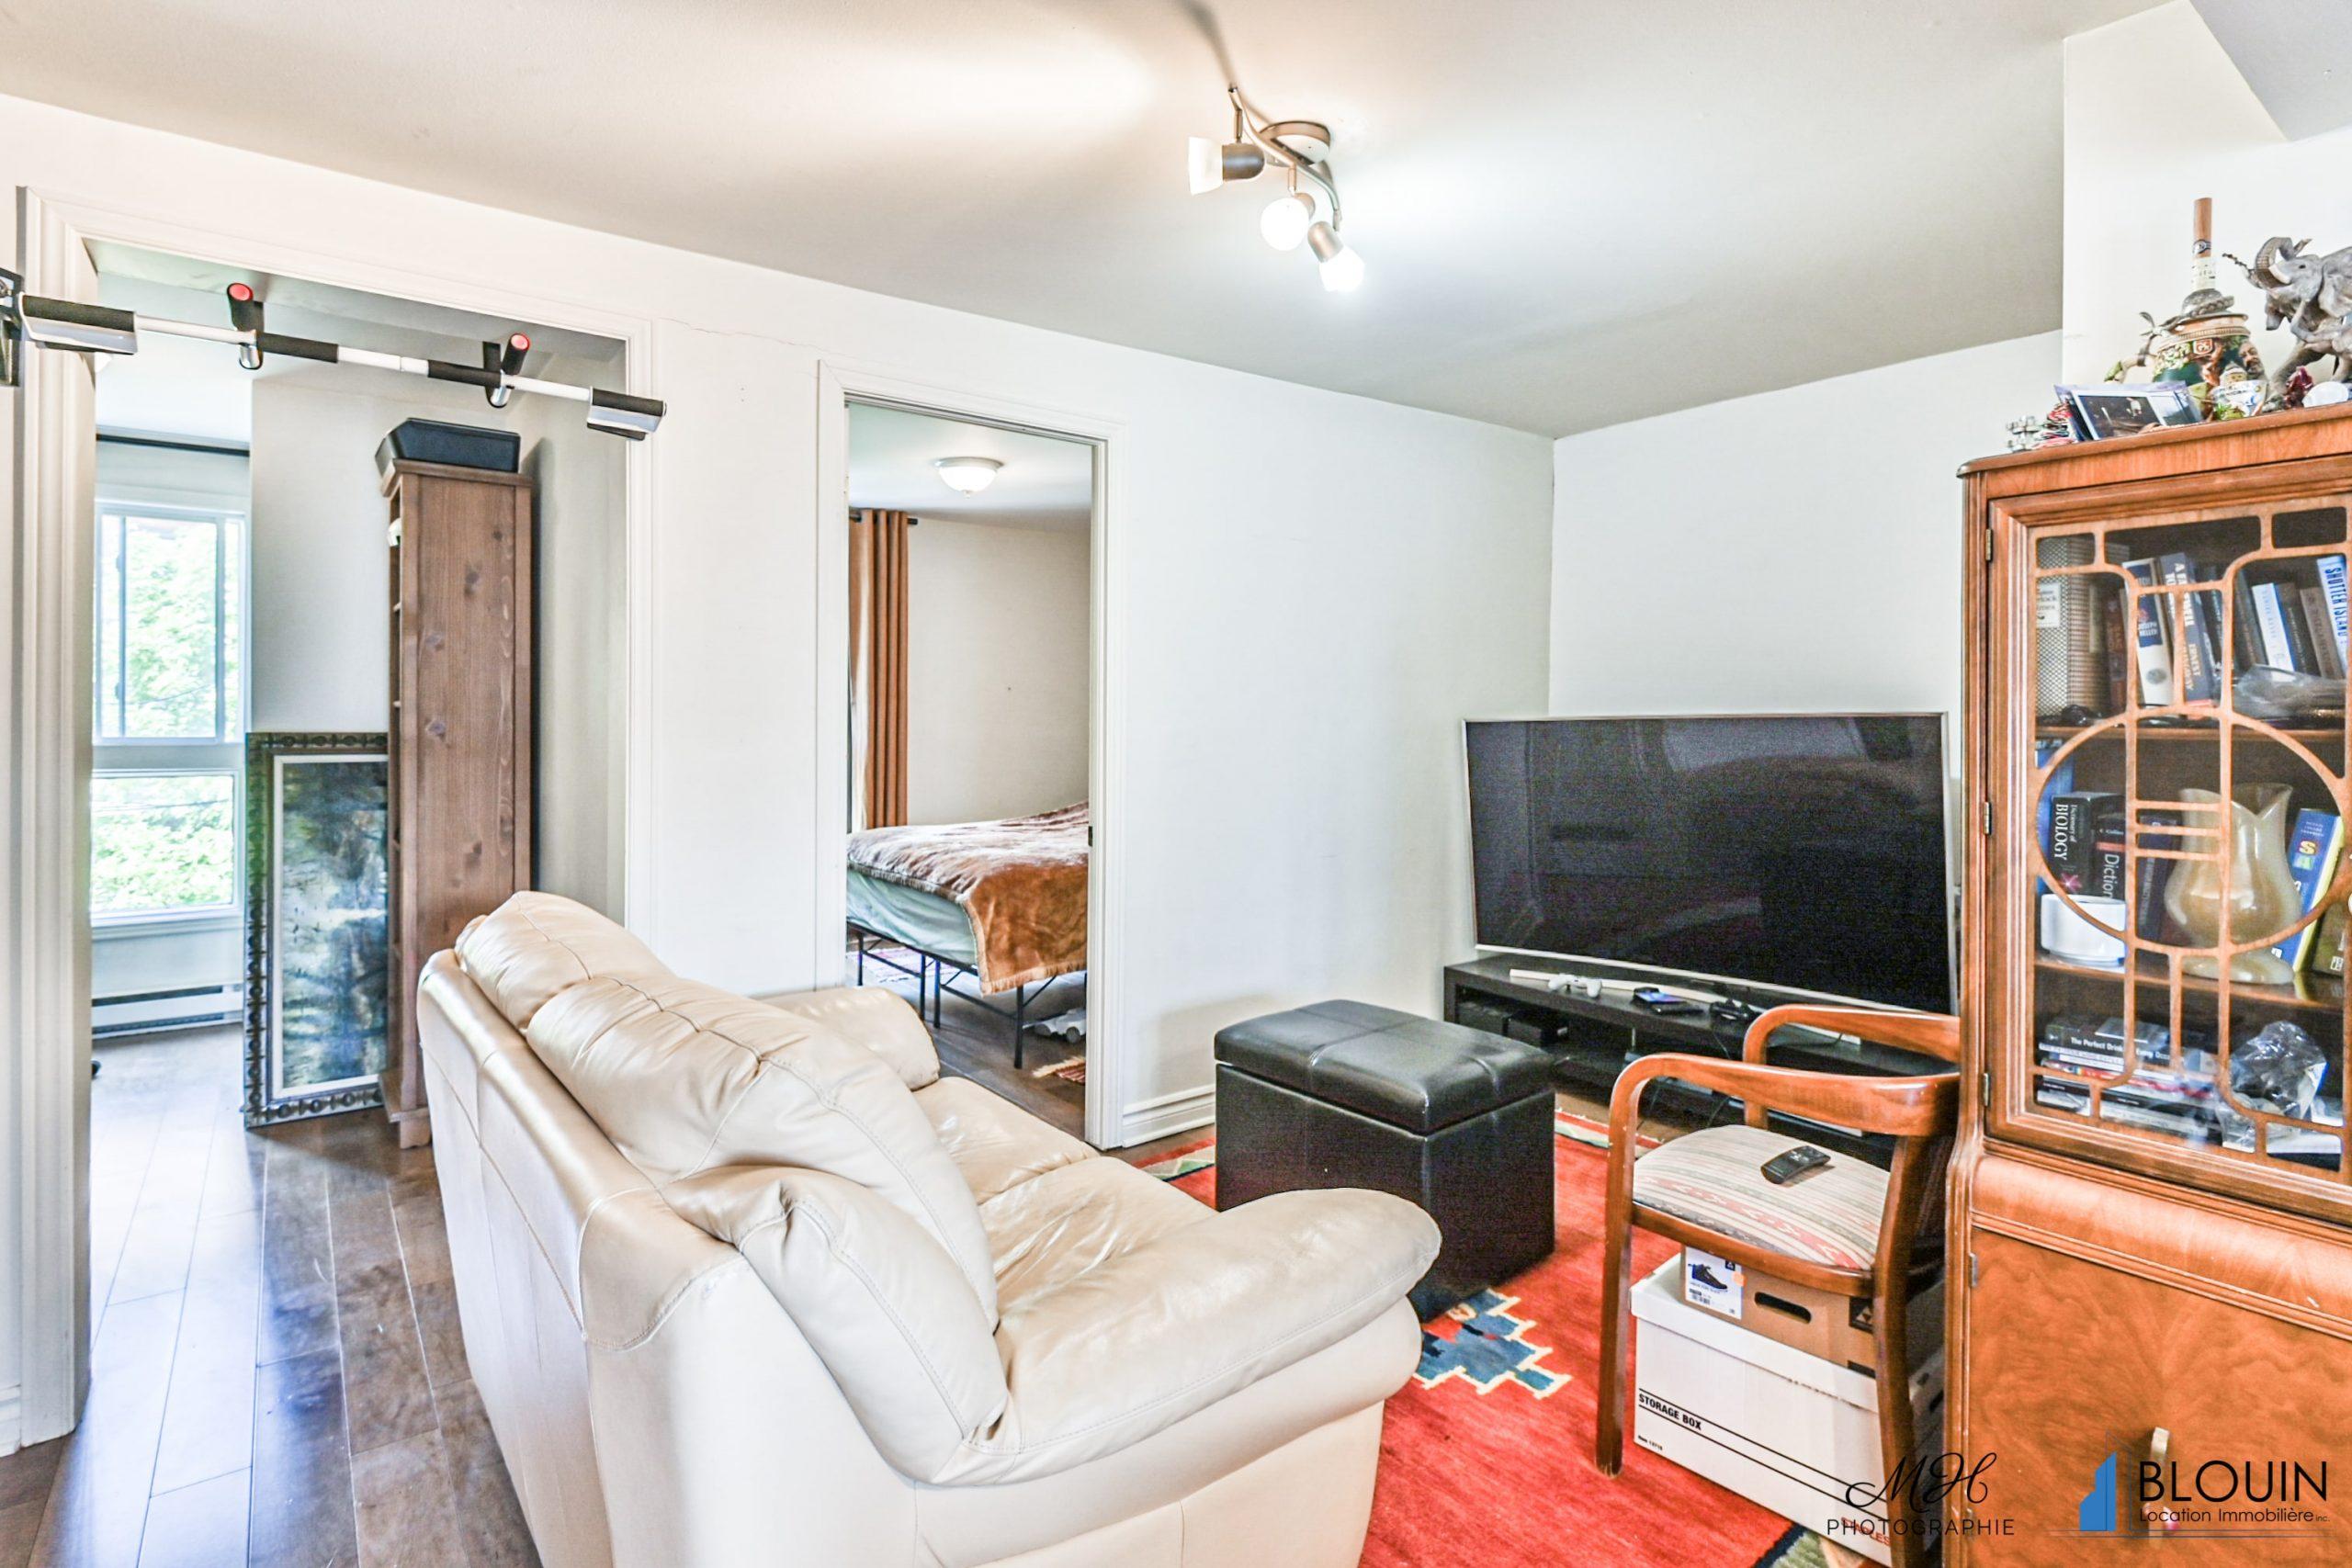 Photo 8 : 3½ + bureau, dans le sud-Ouest, Semi-meublé disponible pour Juillet